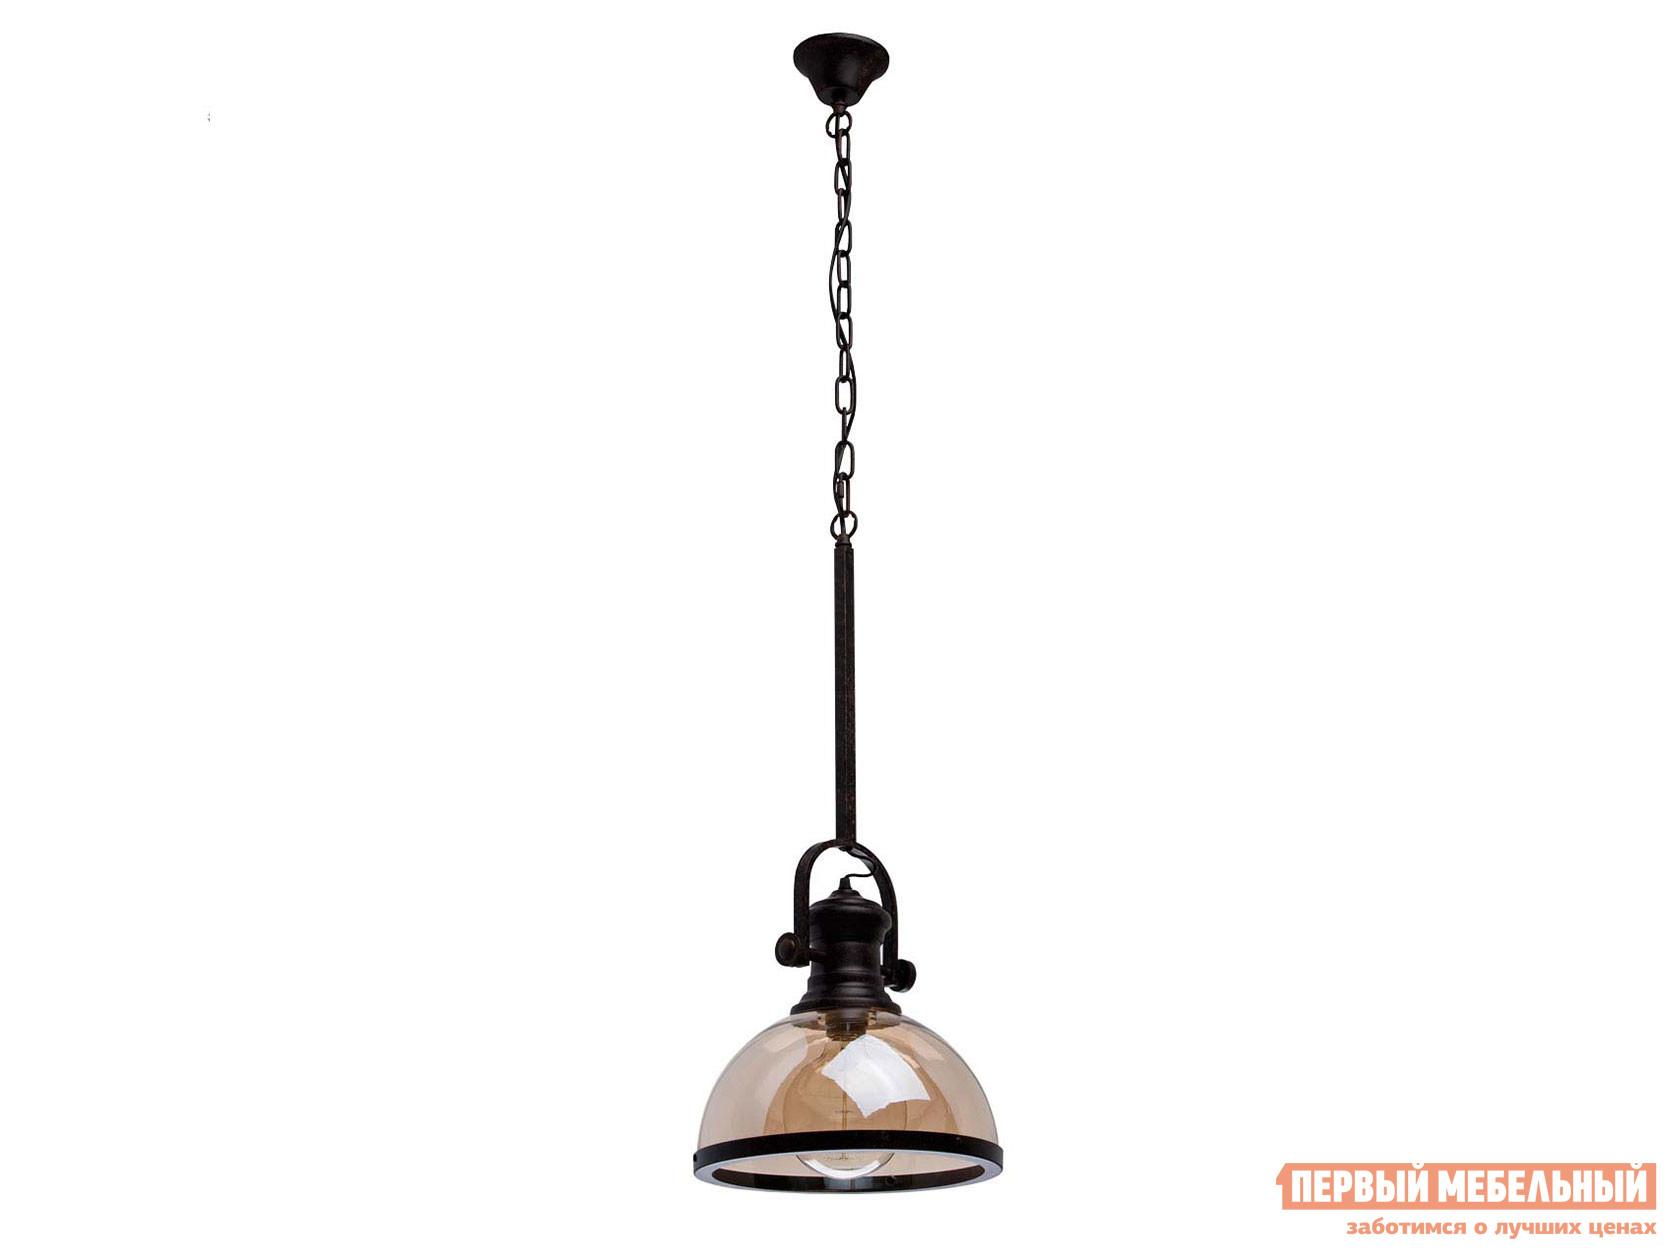 Подвесной светильник Штерн 682012001 Нойвид 1*40W E27 220 V люстра